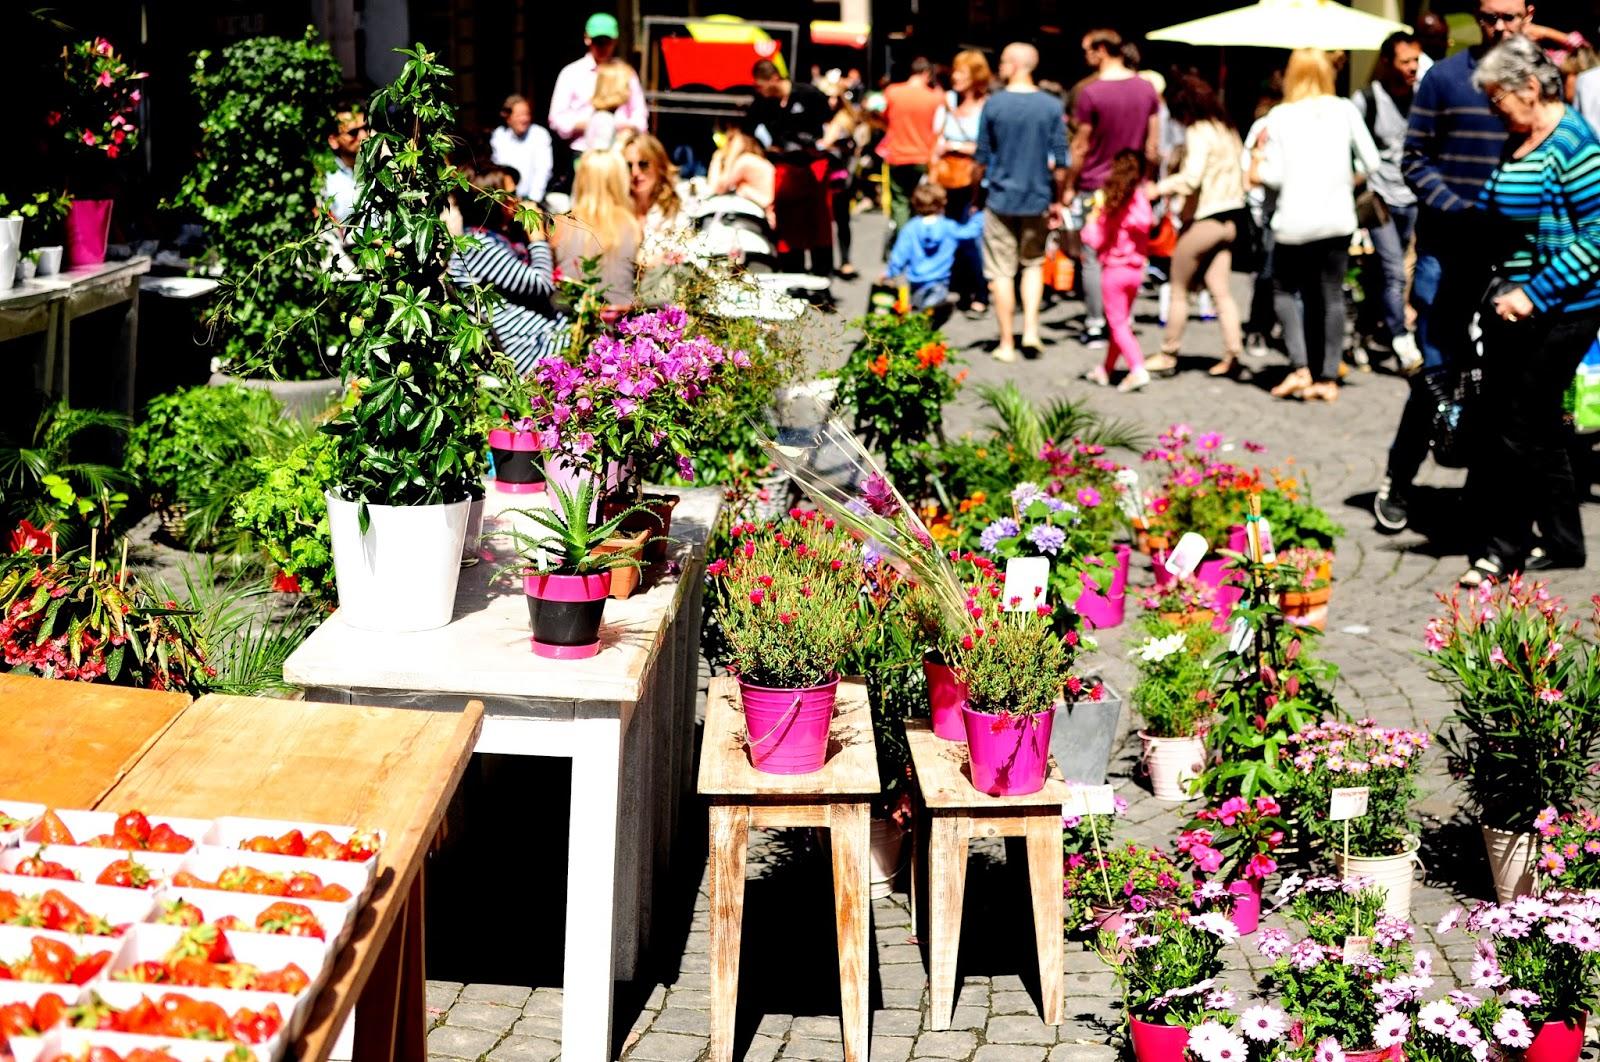 turismo Lausanne mercadillo centro ciudad